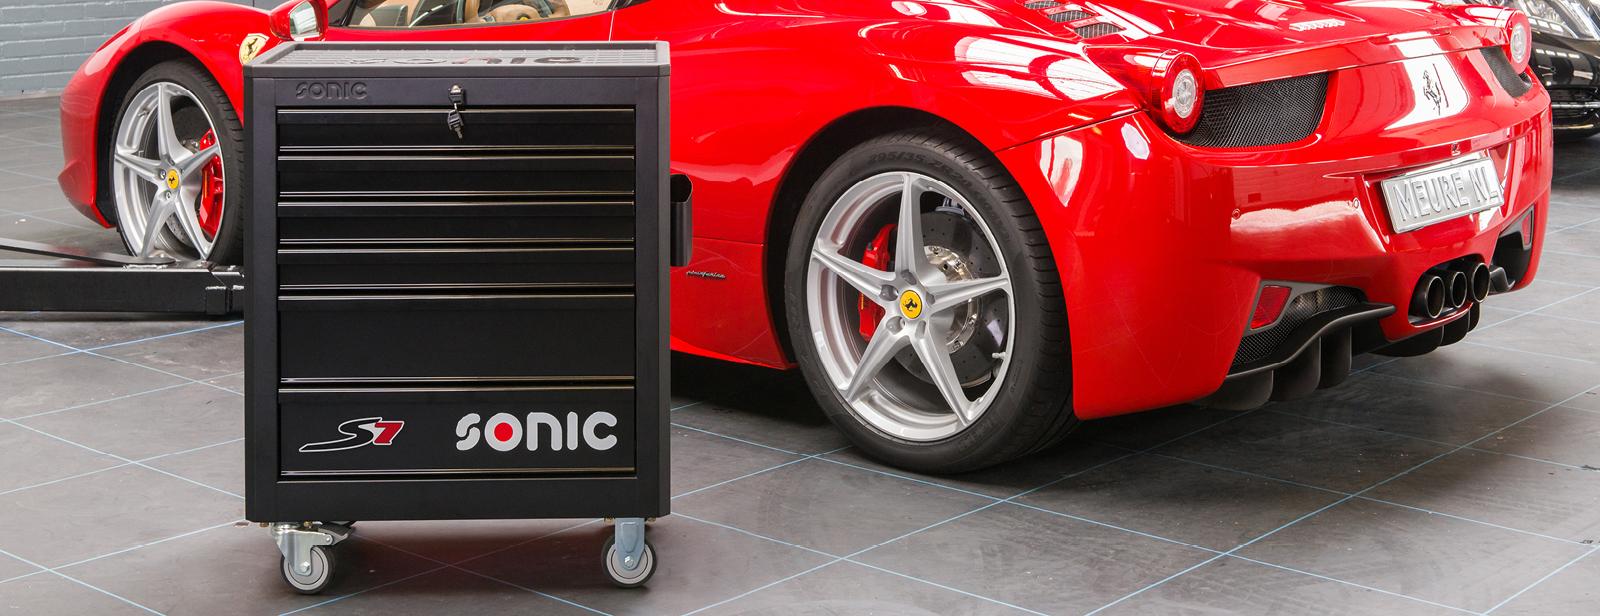 Sonic Werkstattwagen S7